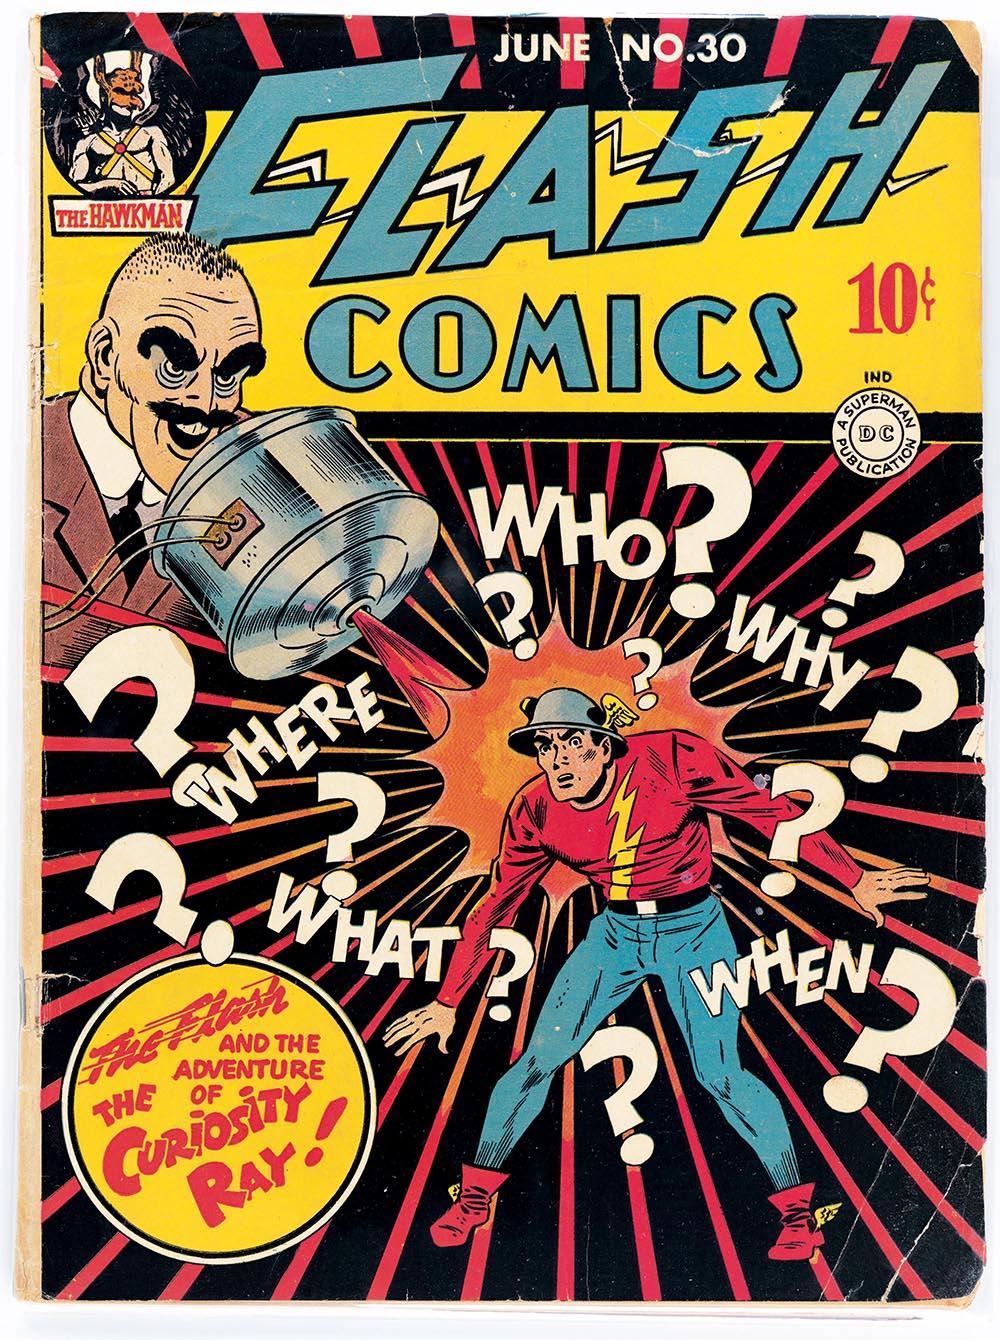 Flash Comics No. 30 cover art by EE Hibbard, June 1942